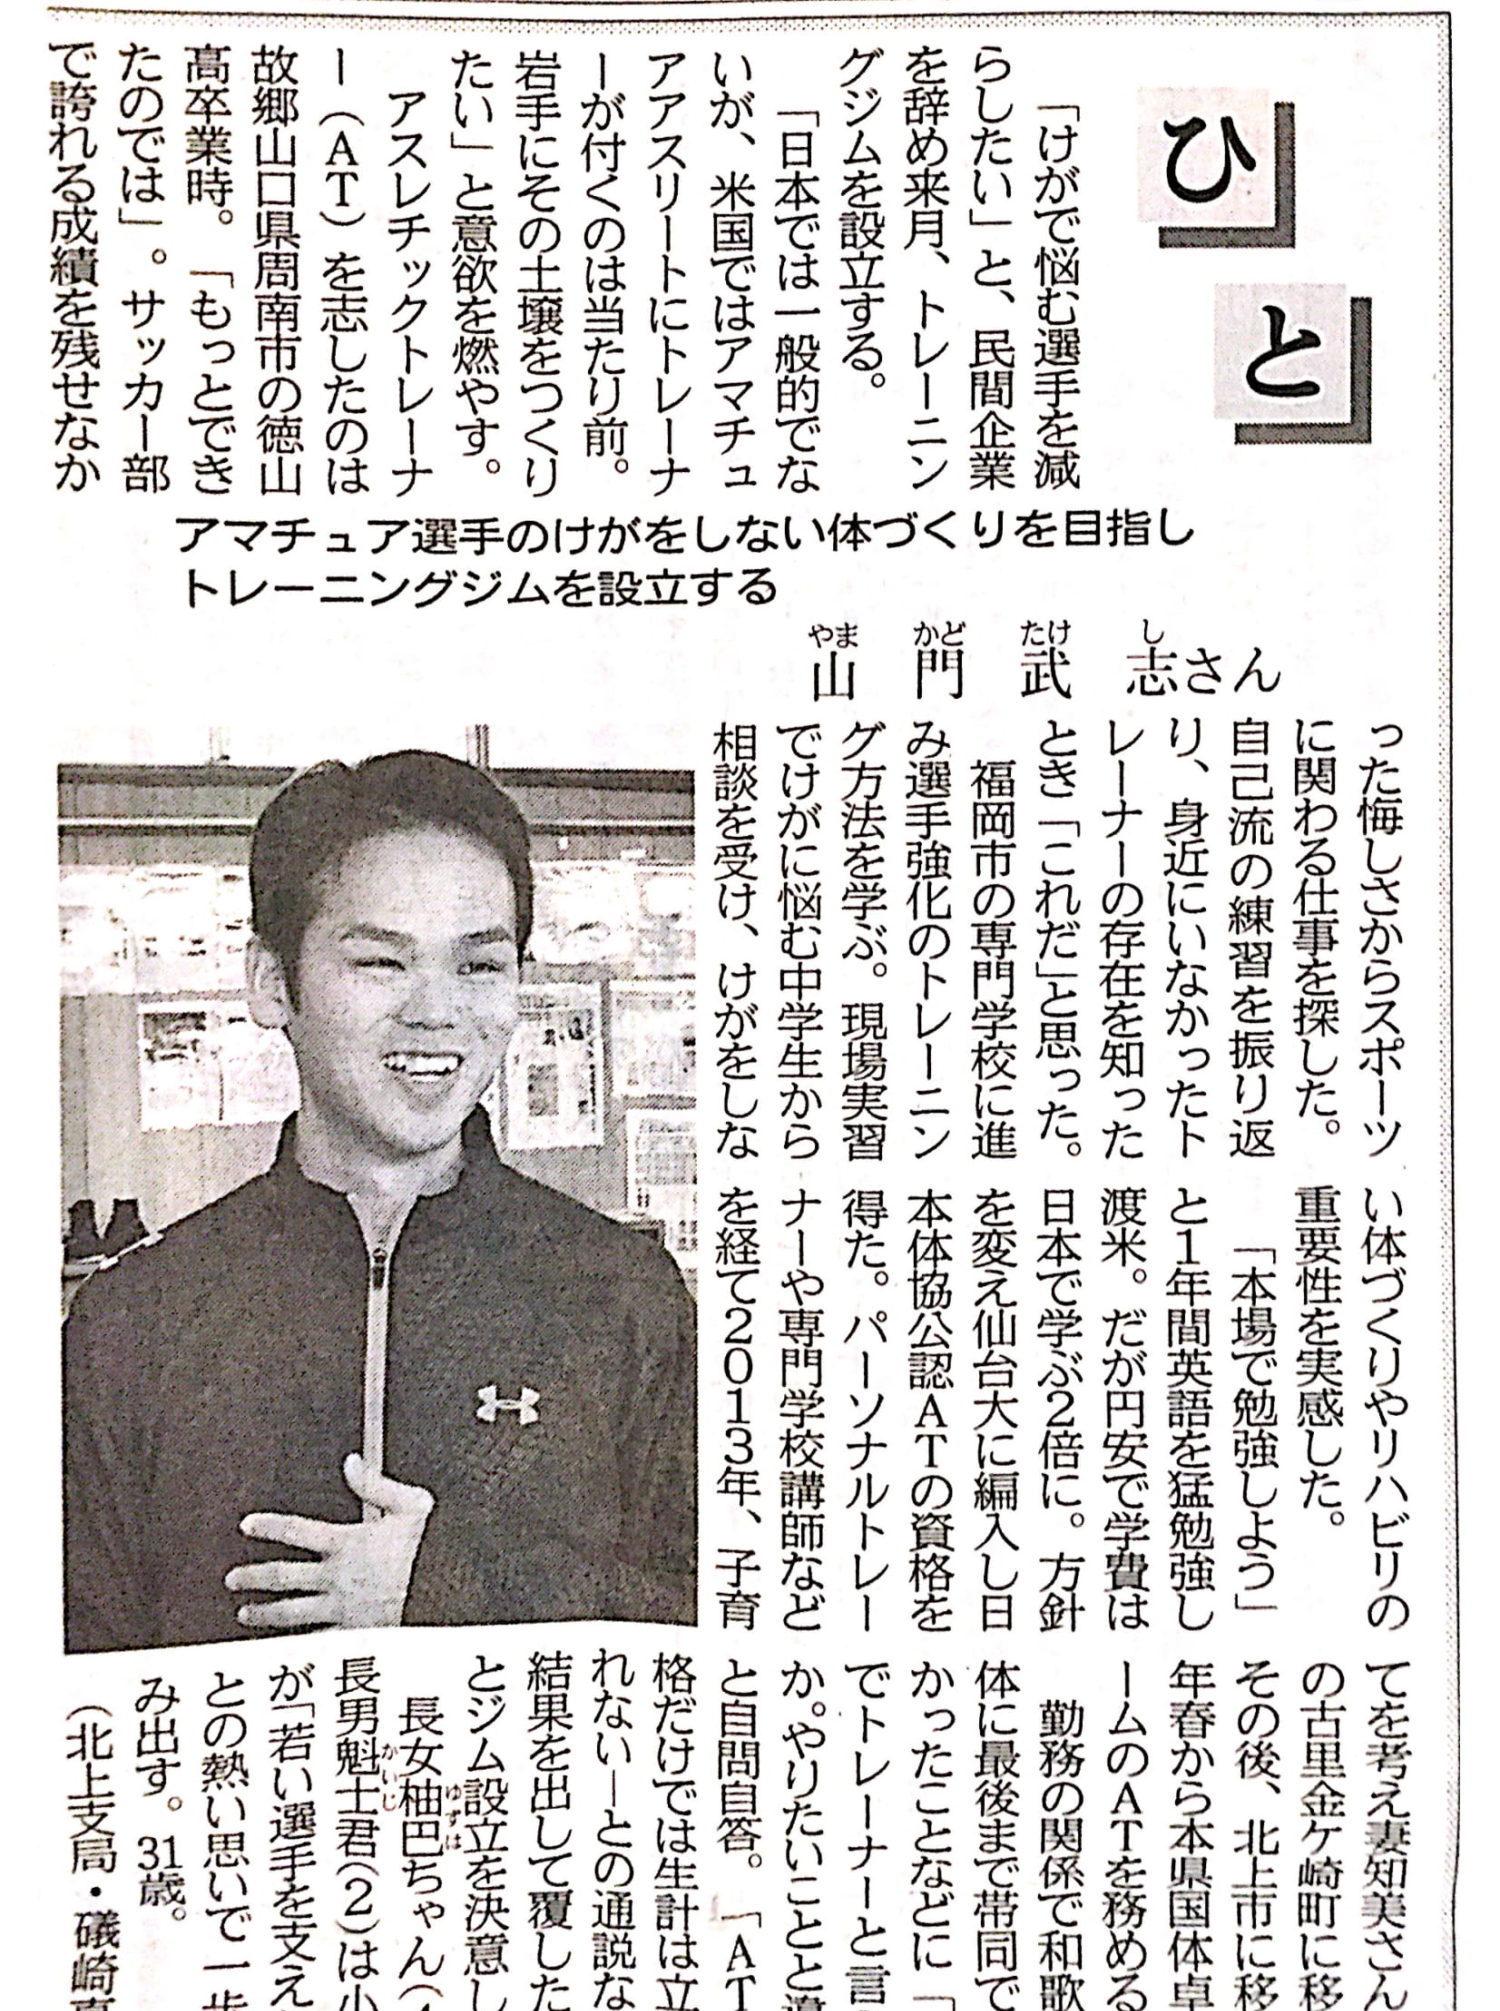 平成28年1月16日岩手日報-1